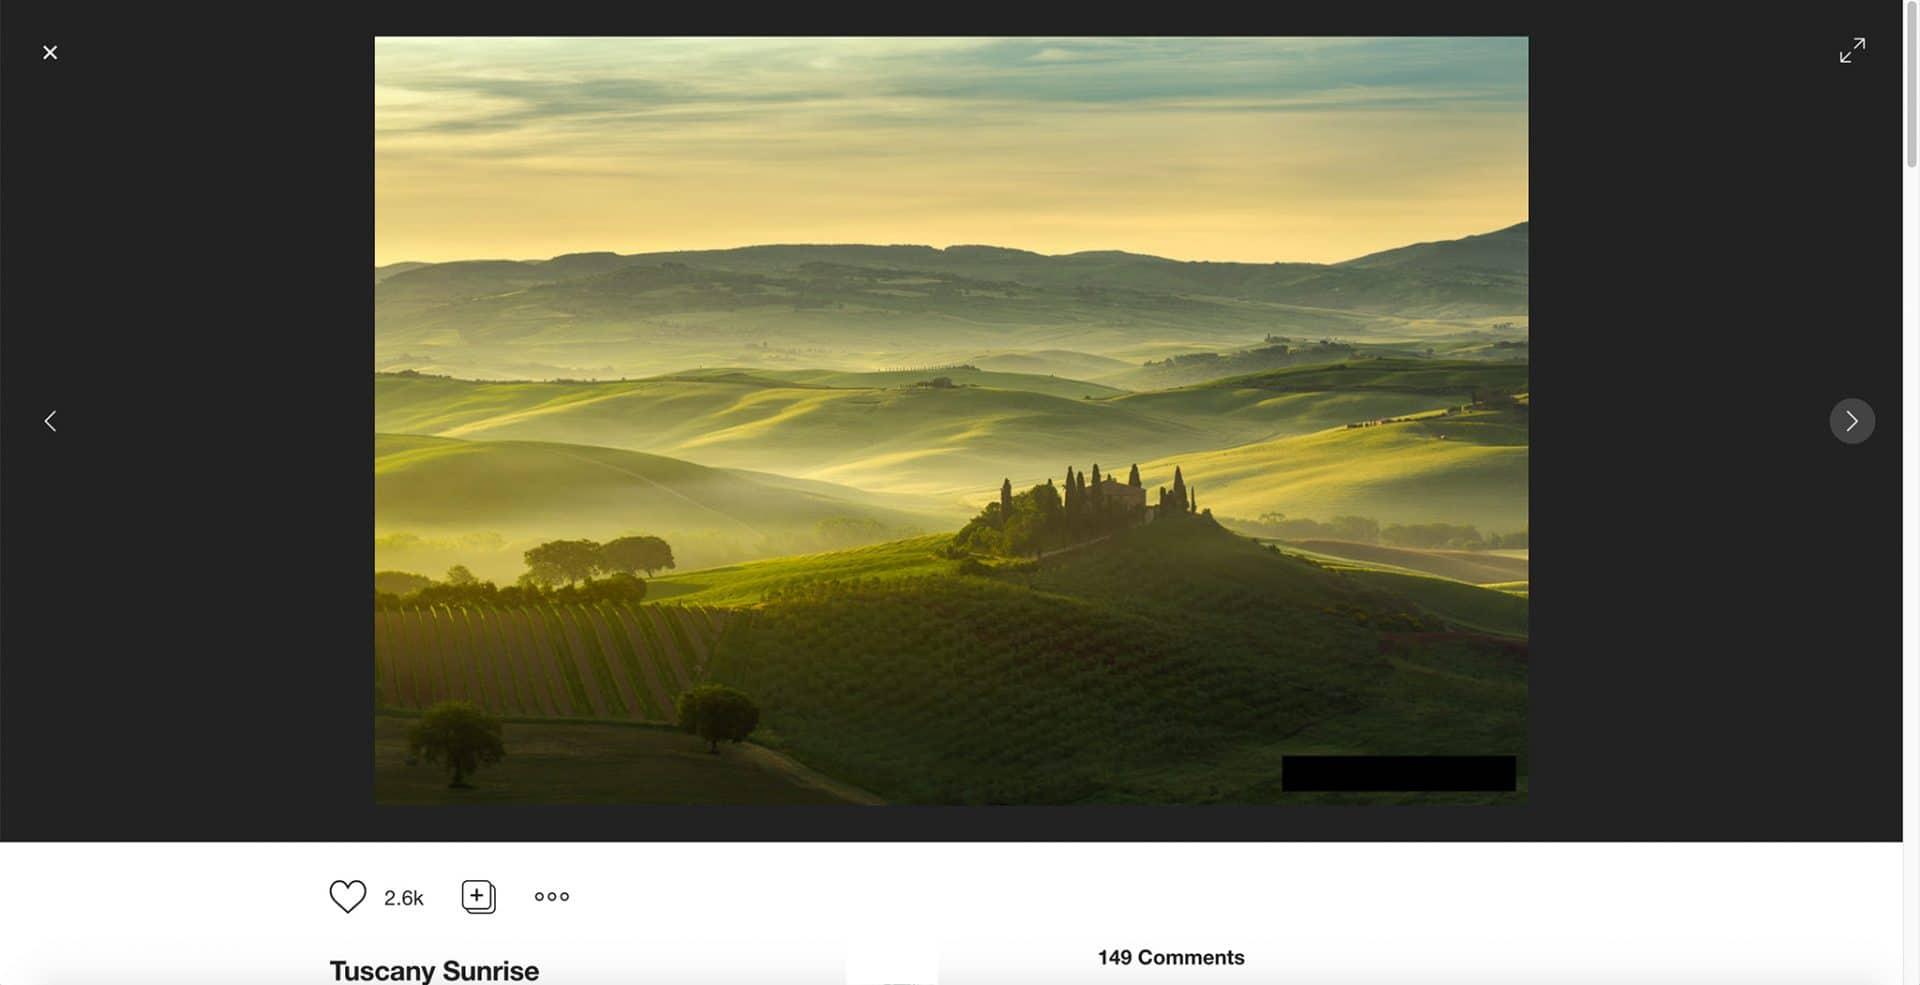 500px, Suchergebnisse, Bildauswahl, Bildansicht